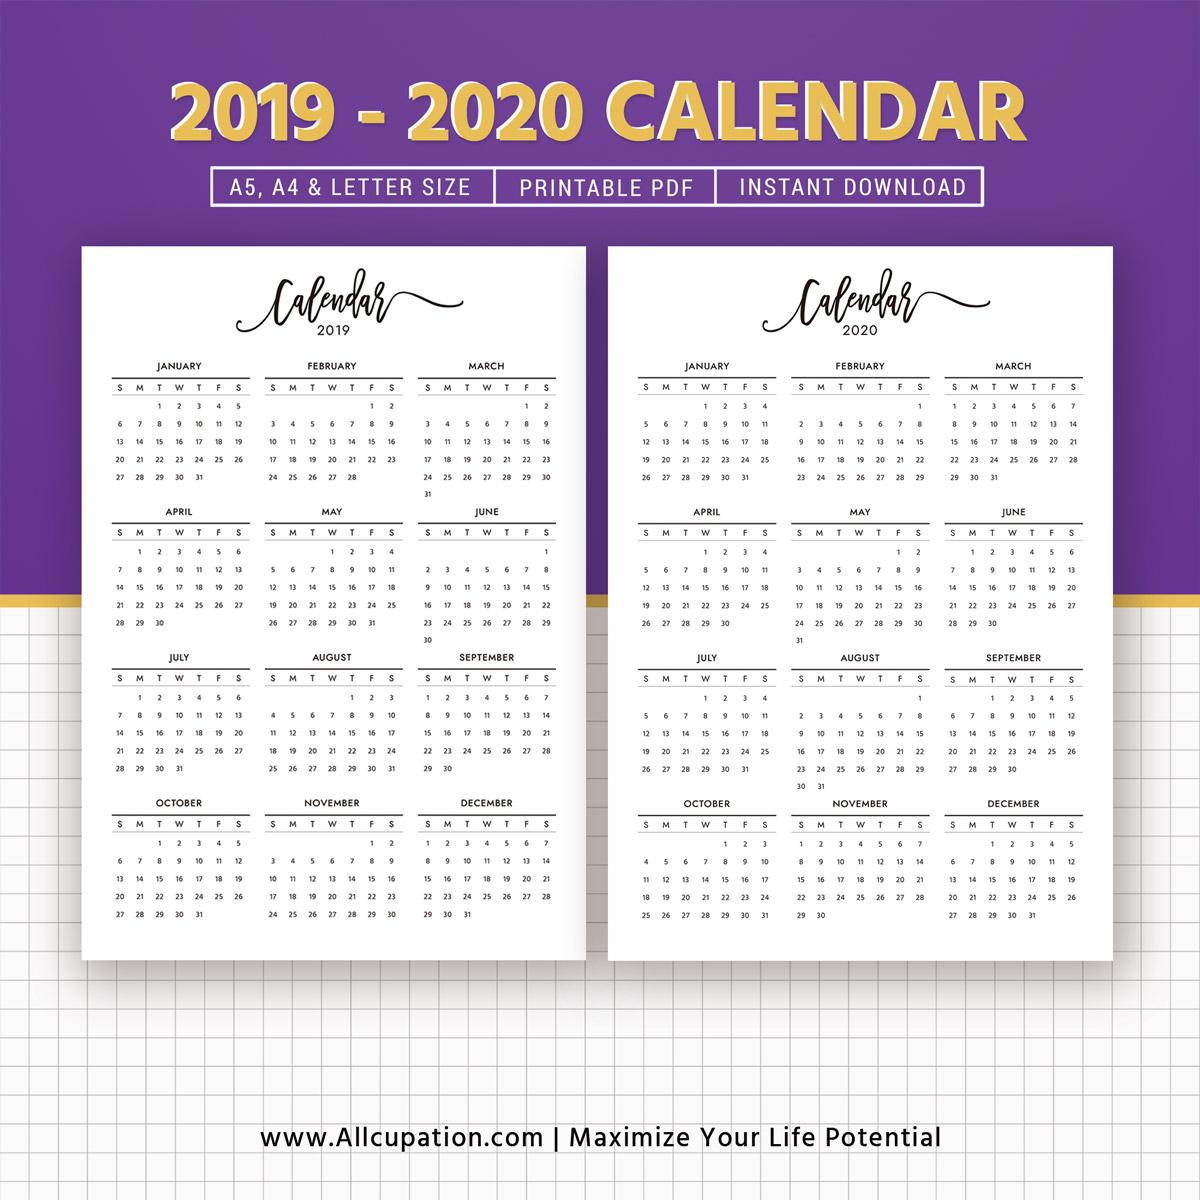 2019-2020 Calendar, Printable Calendar, Planner Design, Best Planner,  Planner Printable, Planner Inserts, Filofax A5, A4, Letter, Instant Download